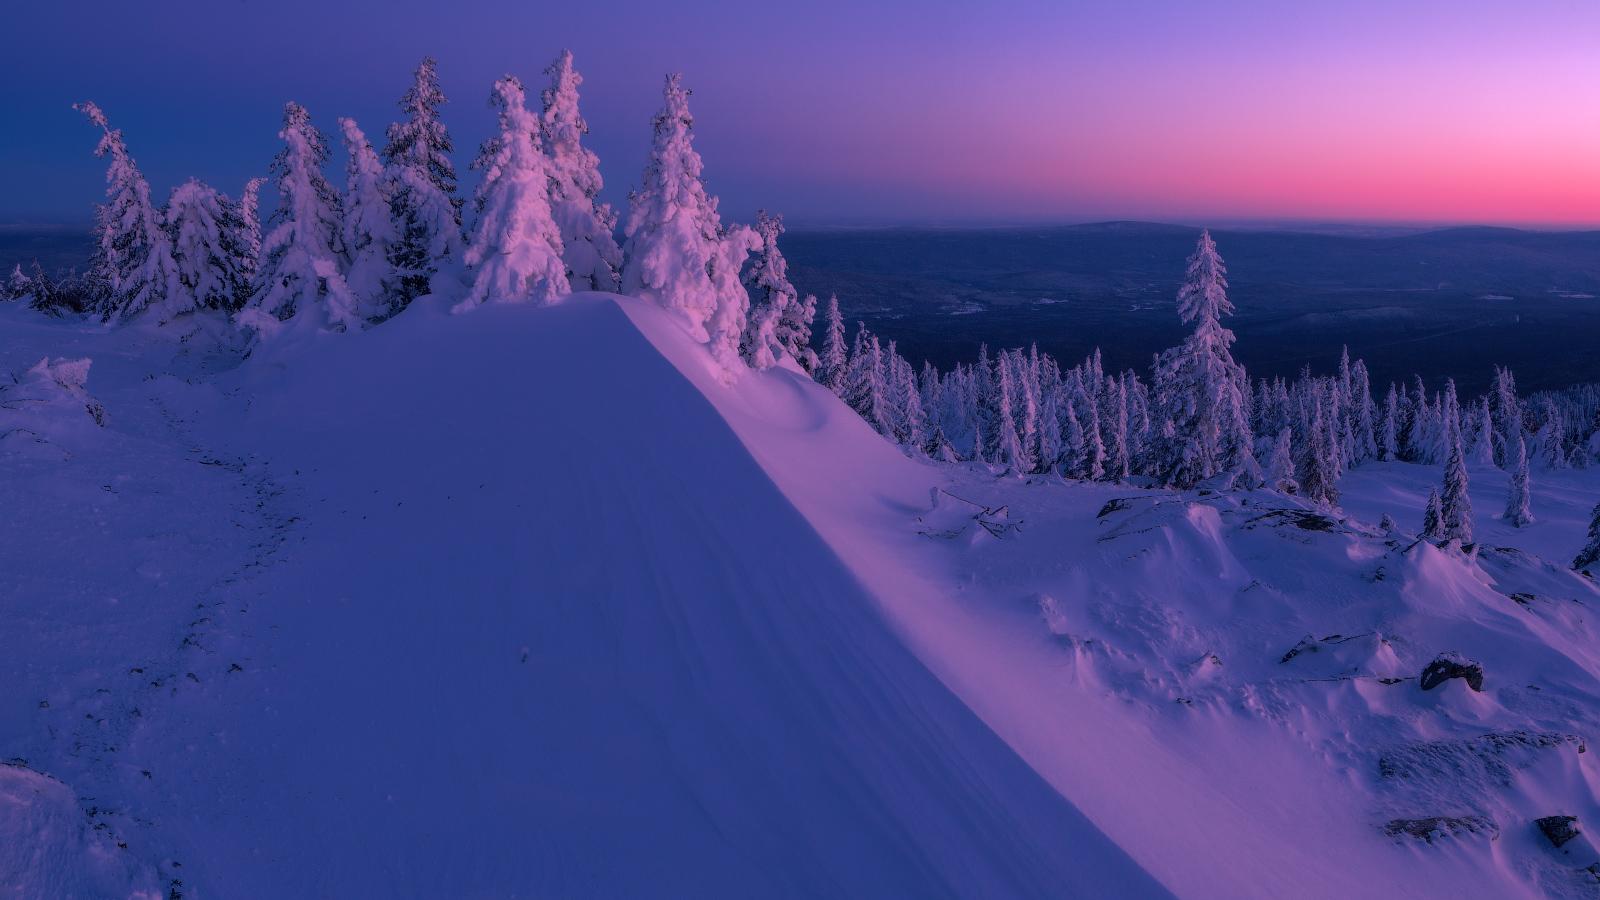 invierno tipico ruso frio nieve